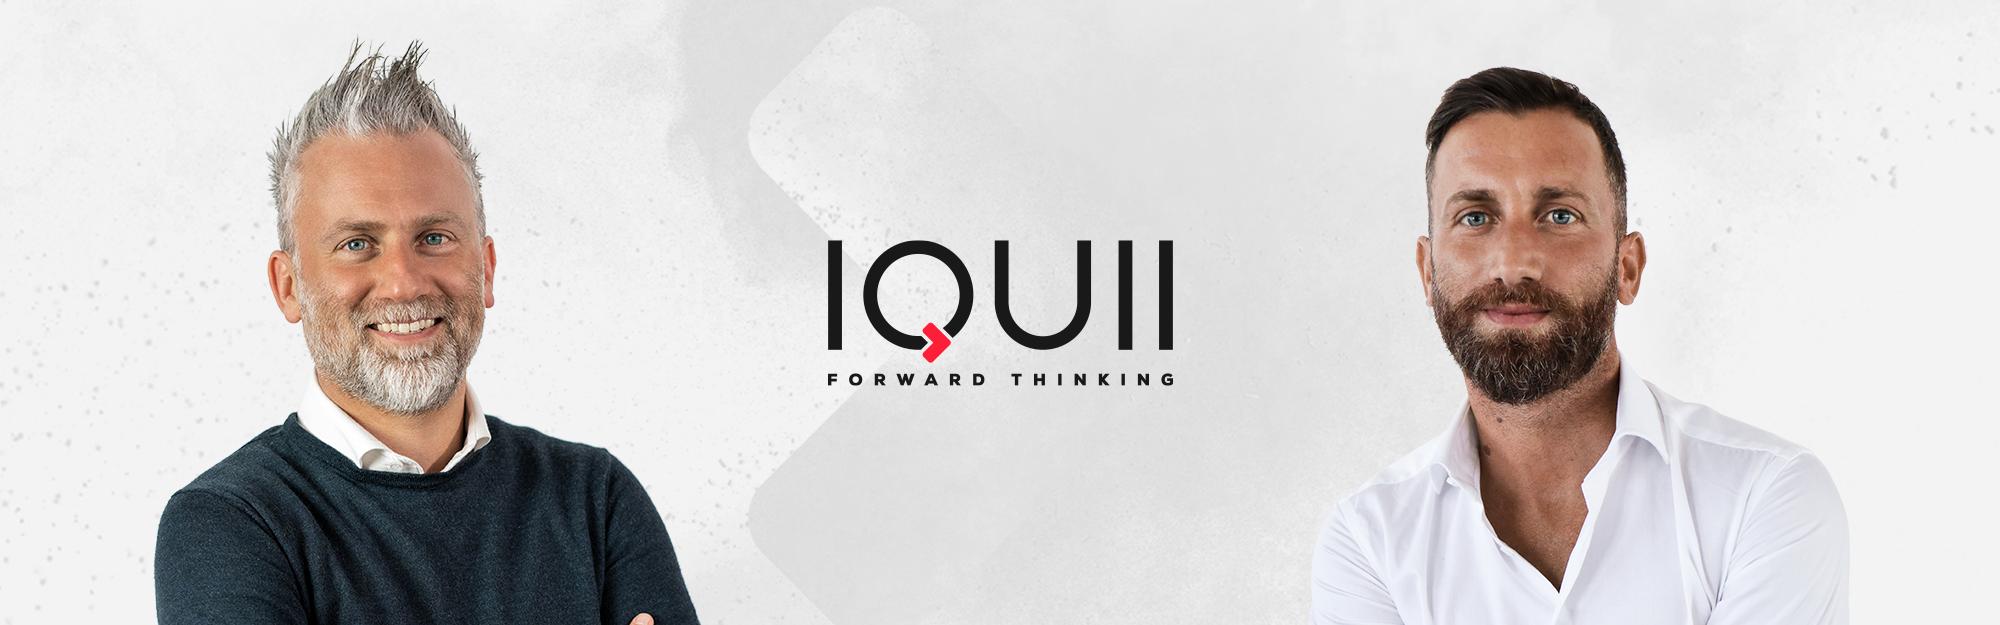 IQUII ha nominato Mirko Lalli nuovo Amministratore Delegato dopo aver accordato il nuovo piano strategico. Fabio Lalli assume da subito un doppio ruolo di business e innovazione.